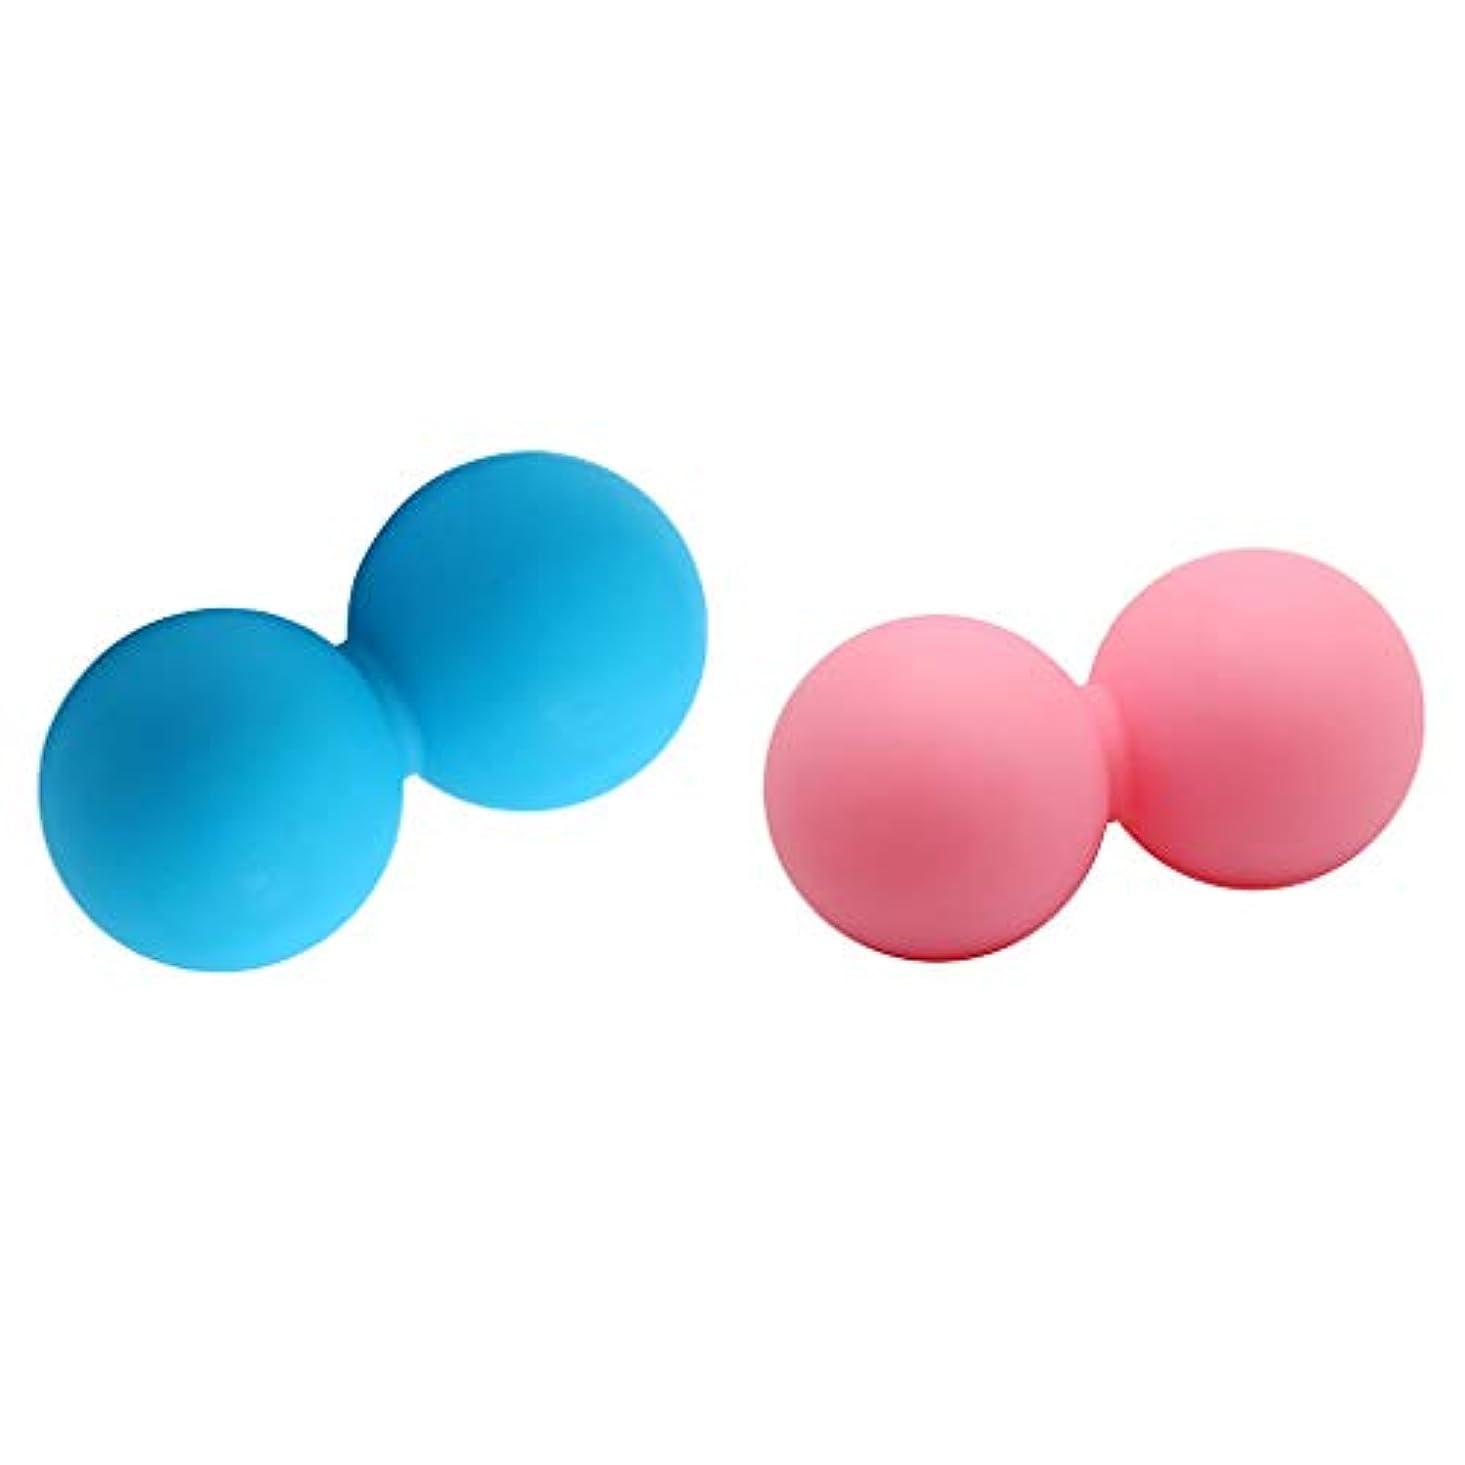 説得満了篭FLAMEER 2個 マッサージボール ピーナッツ ダブルラクロスマッサージボール 筋膜リリース 家庭、オフィス旅行